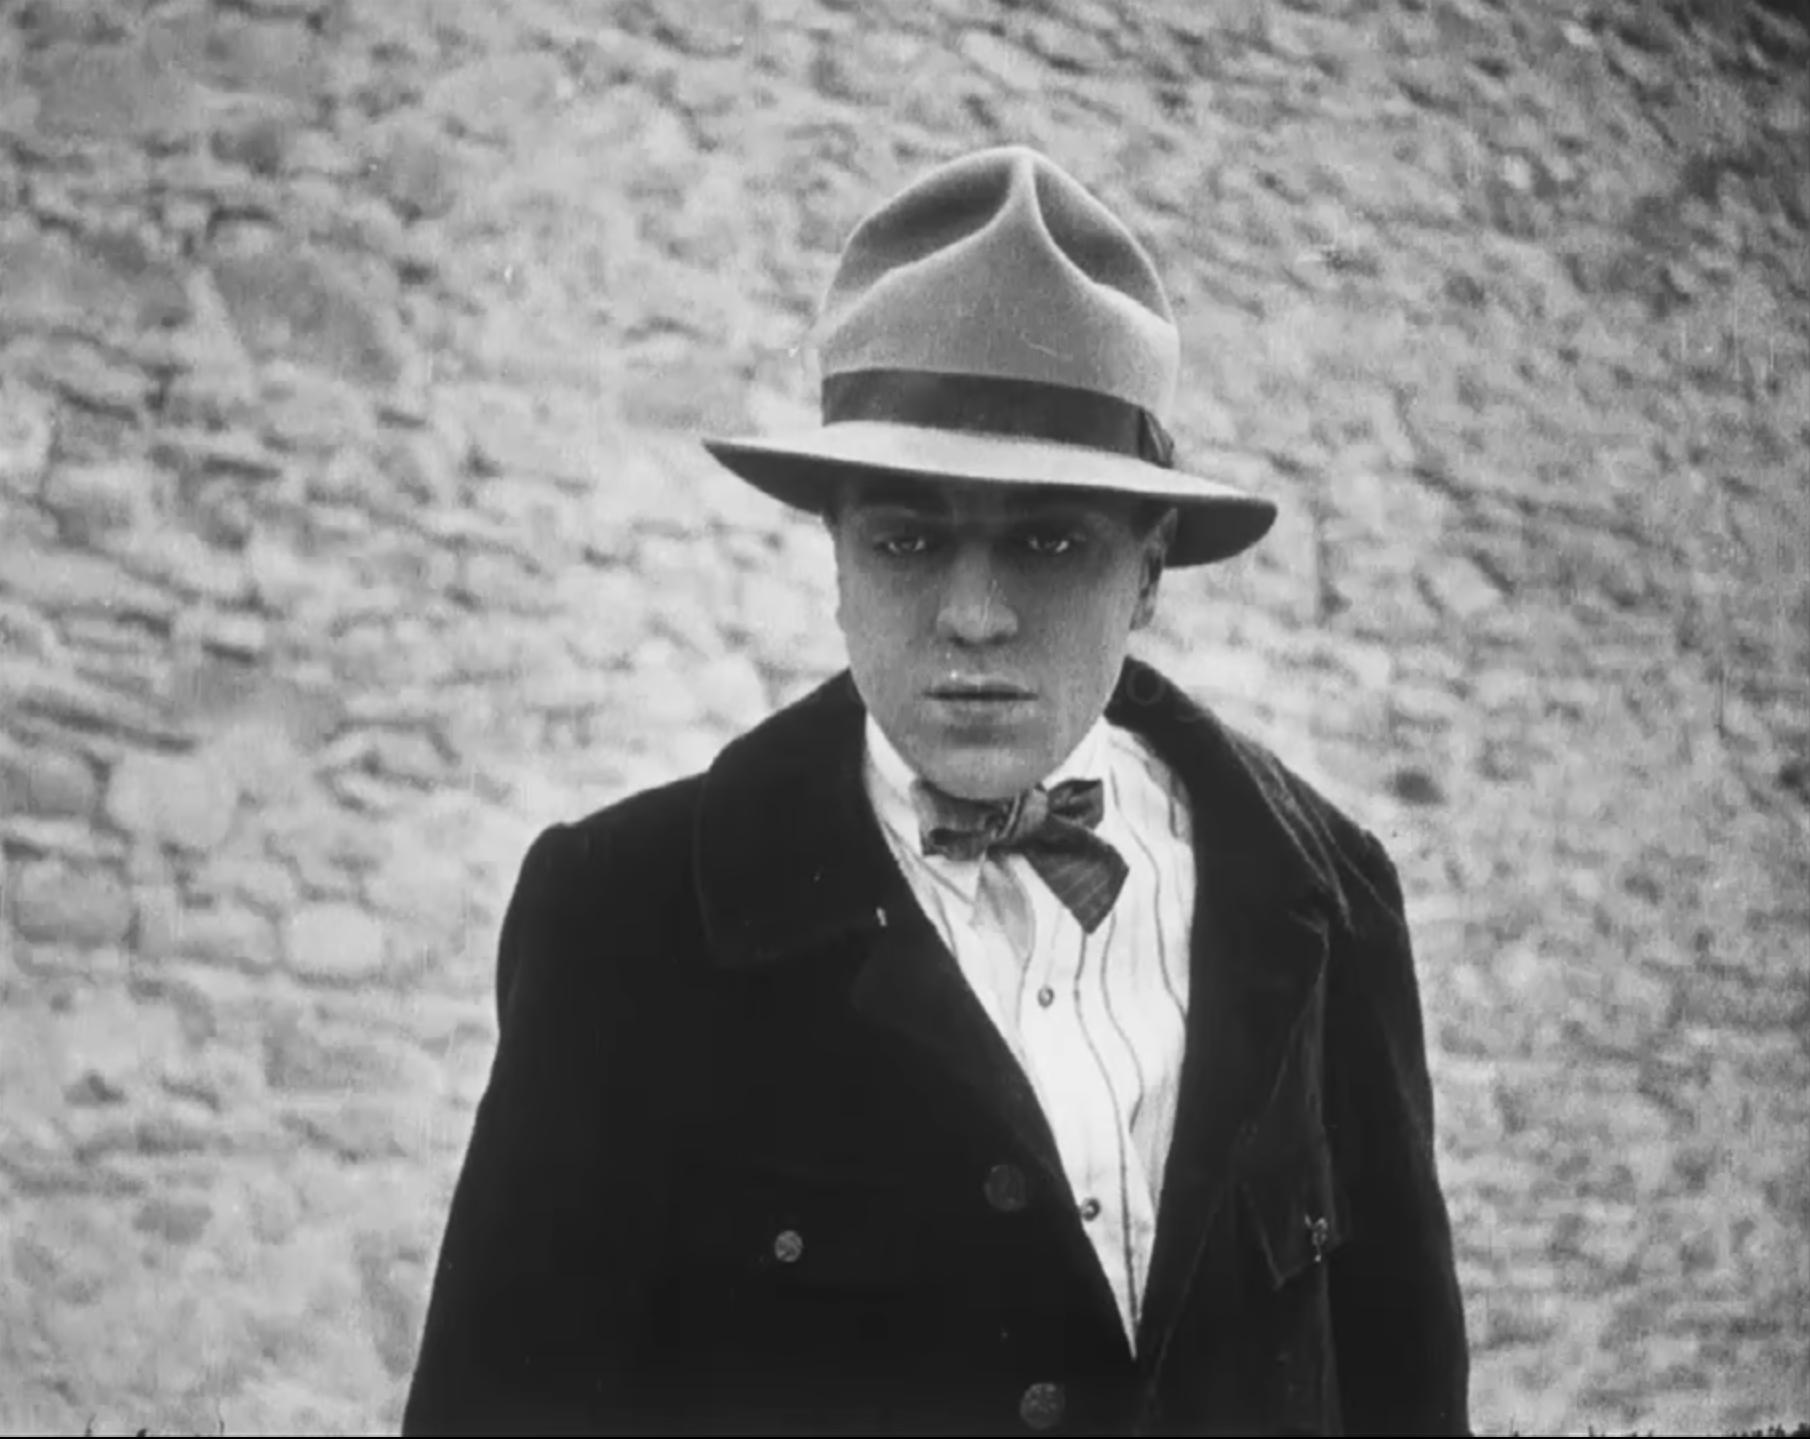 The Flood (1924) L'lnondation by director Louis Delluc (Credit: Cinégraphic)